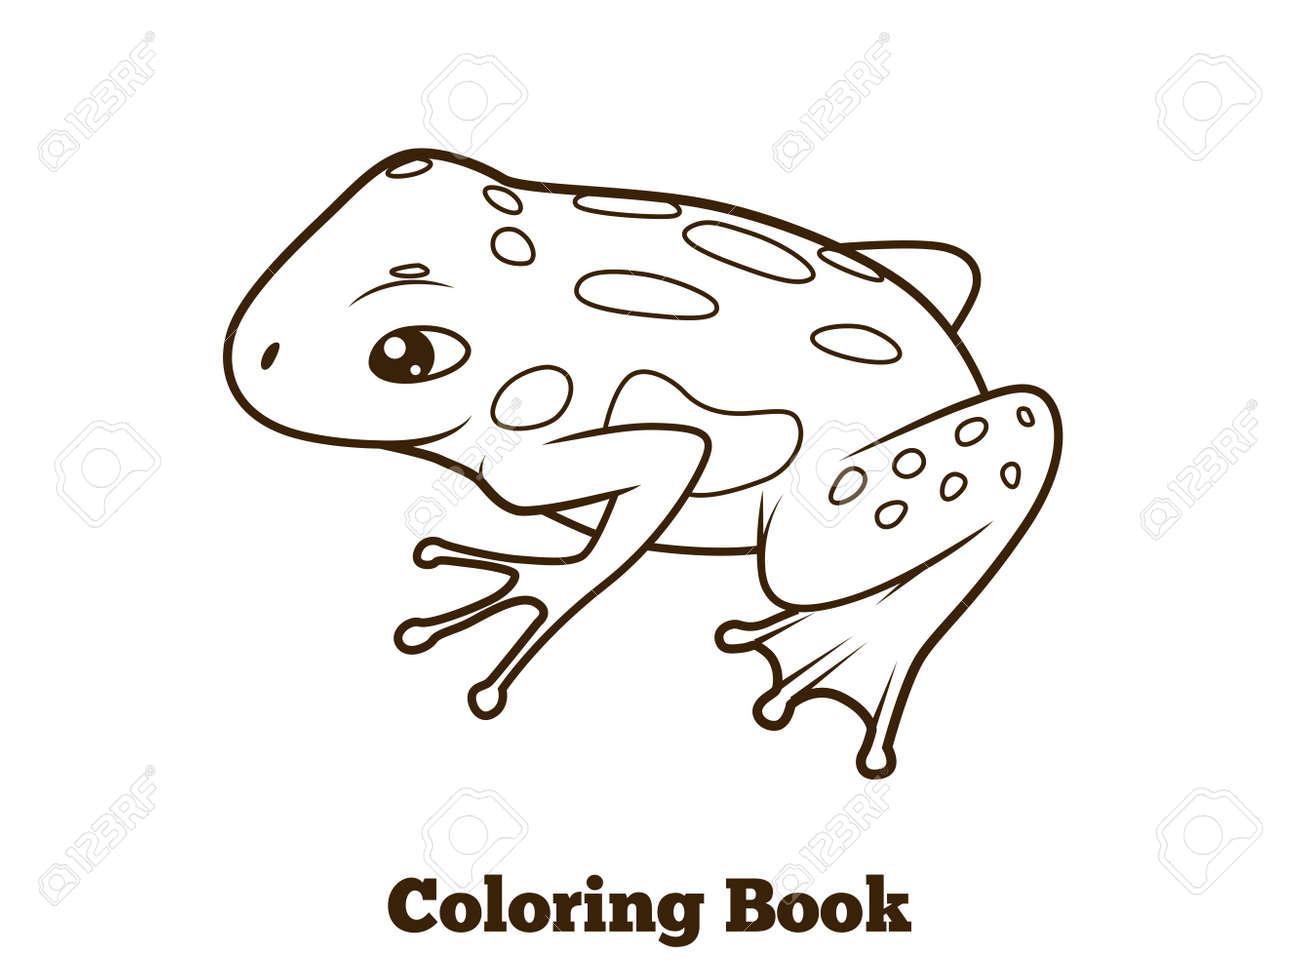 best foto de archivo rana libro para colorear de dibujos animados a mano ilustracin vectorial dibujado